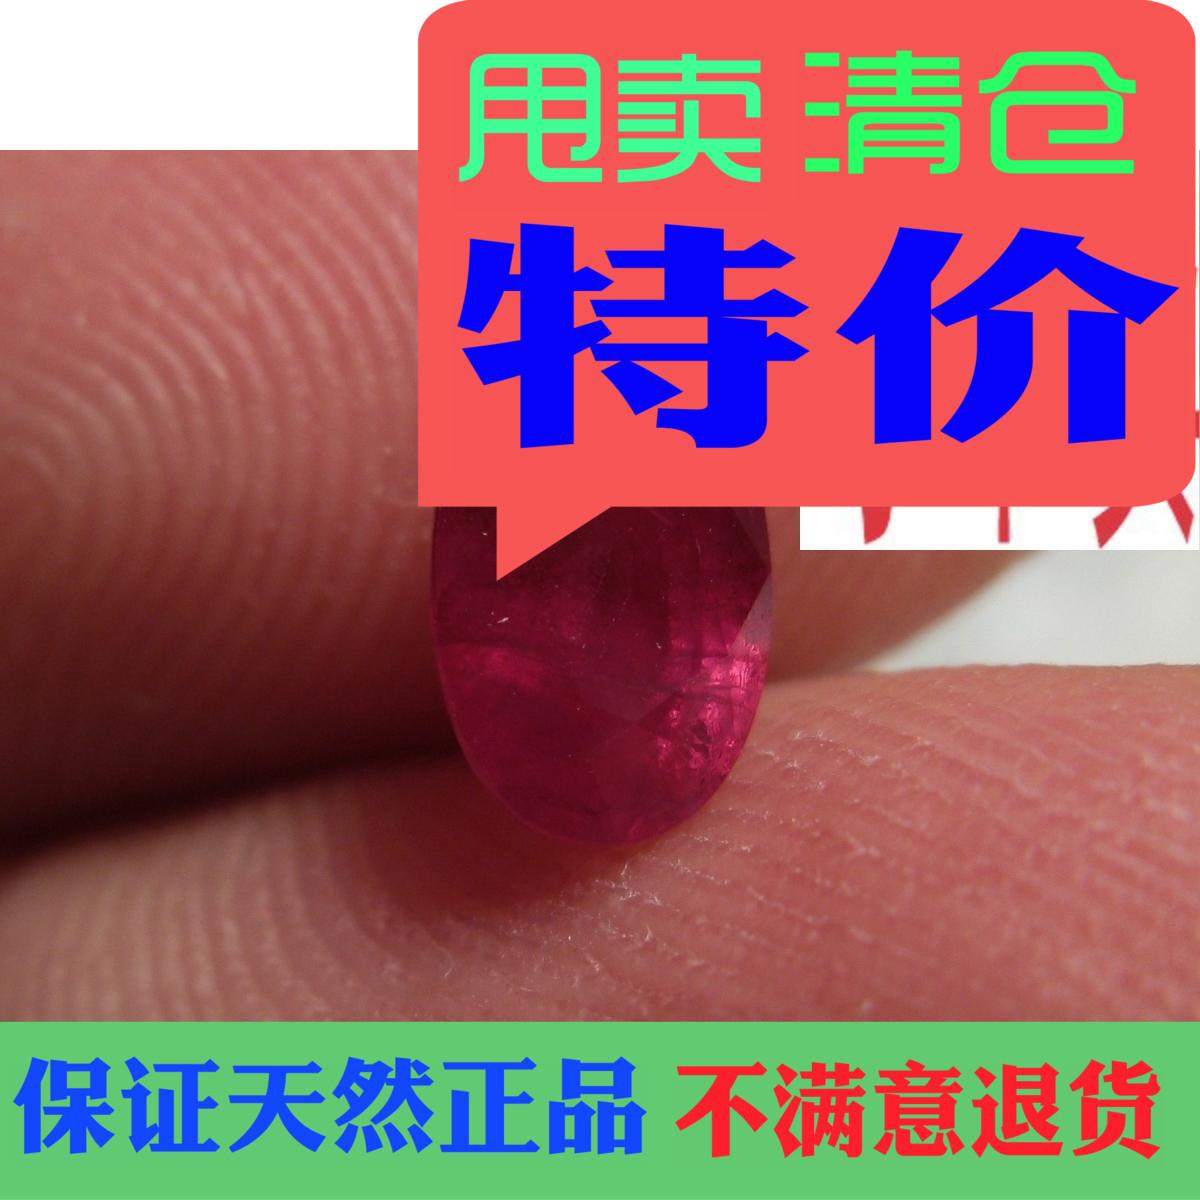 贵重珠宝彩色宝缅甸红宝石裸石1.03克拉可镶吊坠戒指耳钉手链项链